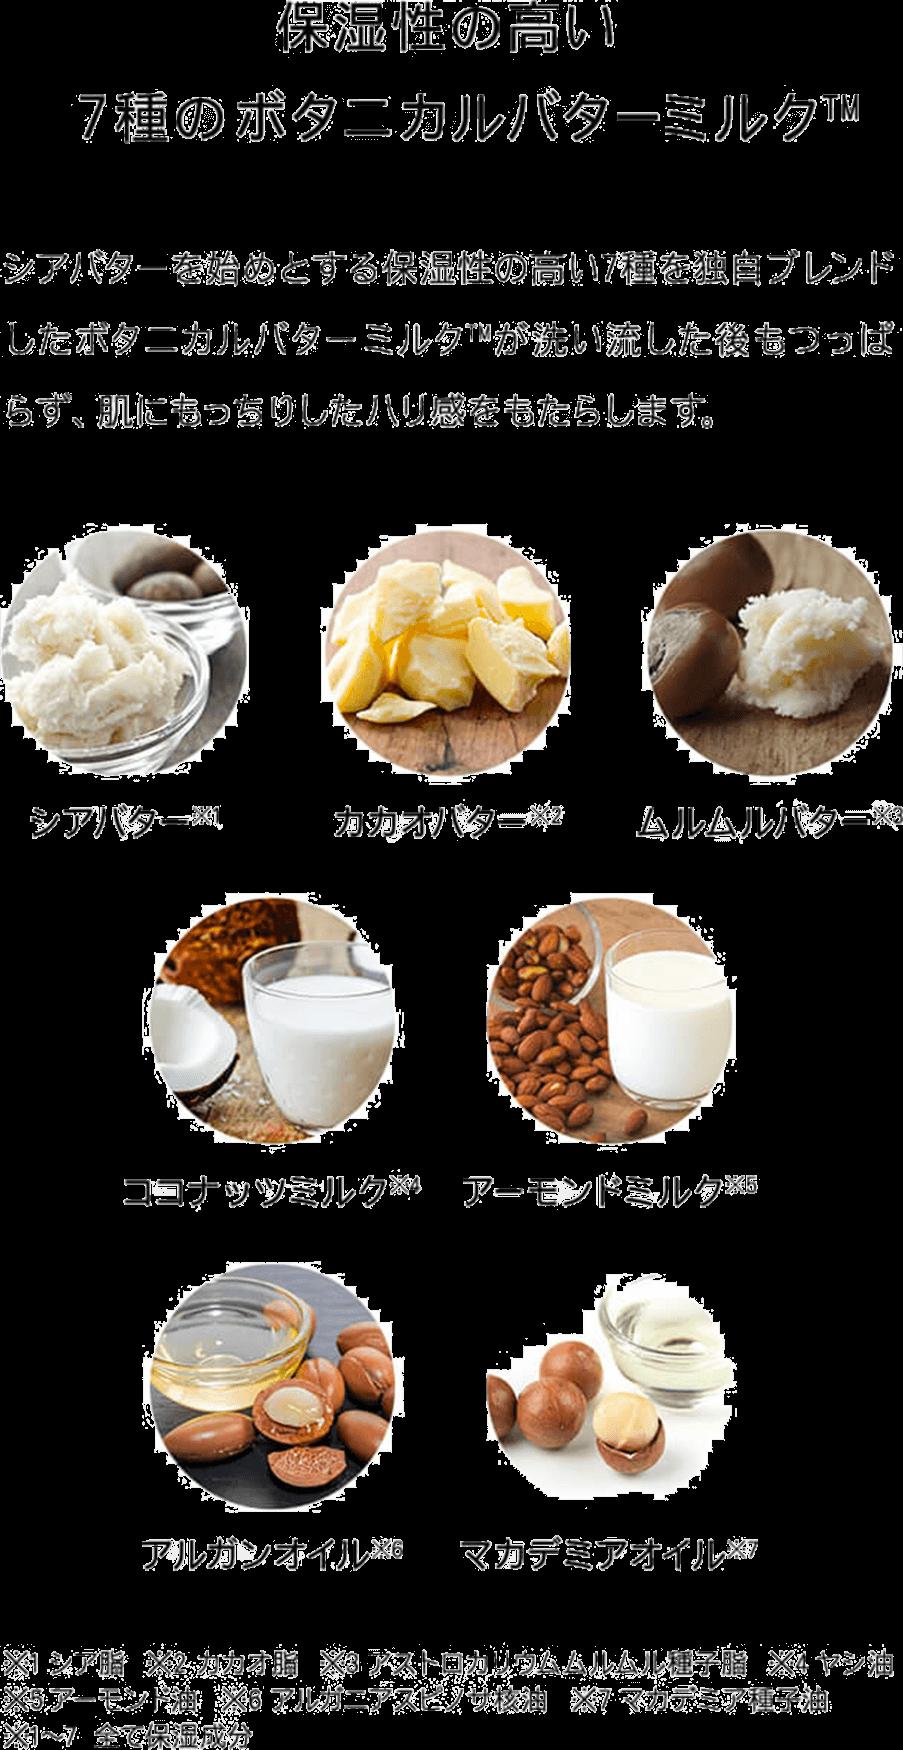 保湿性の高い7種のボタニカルバターミルクTM